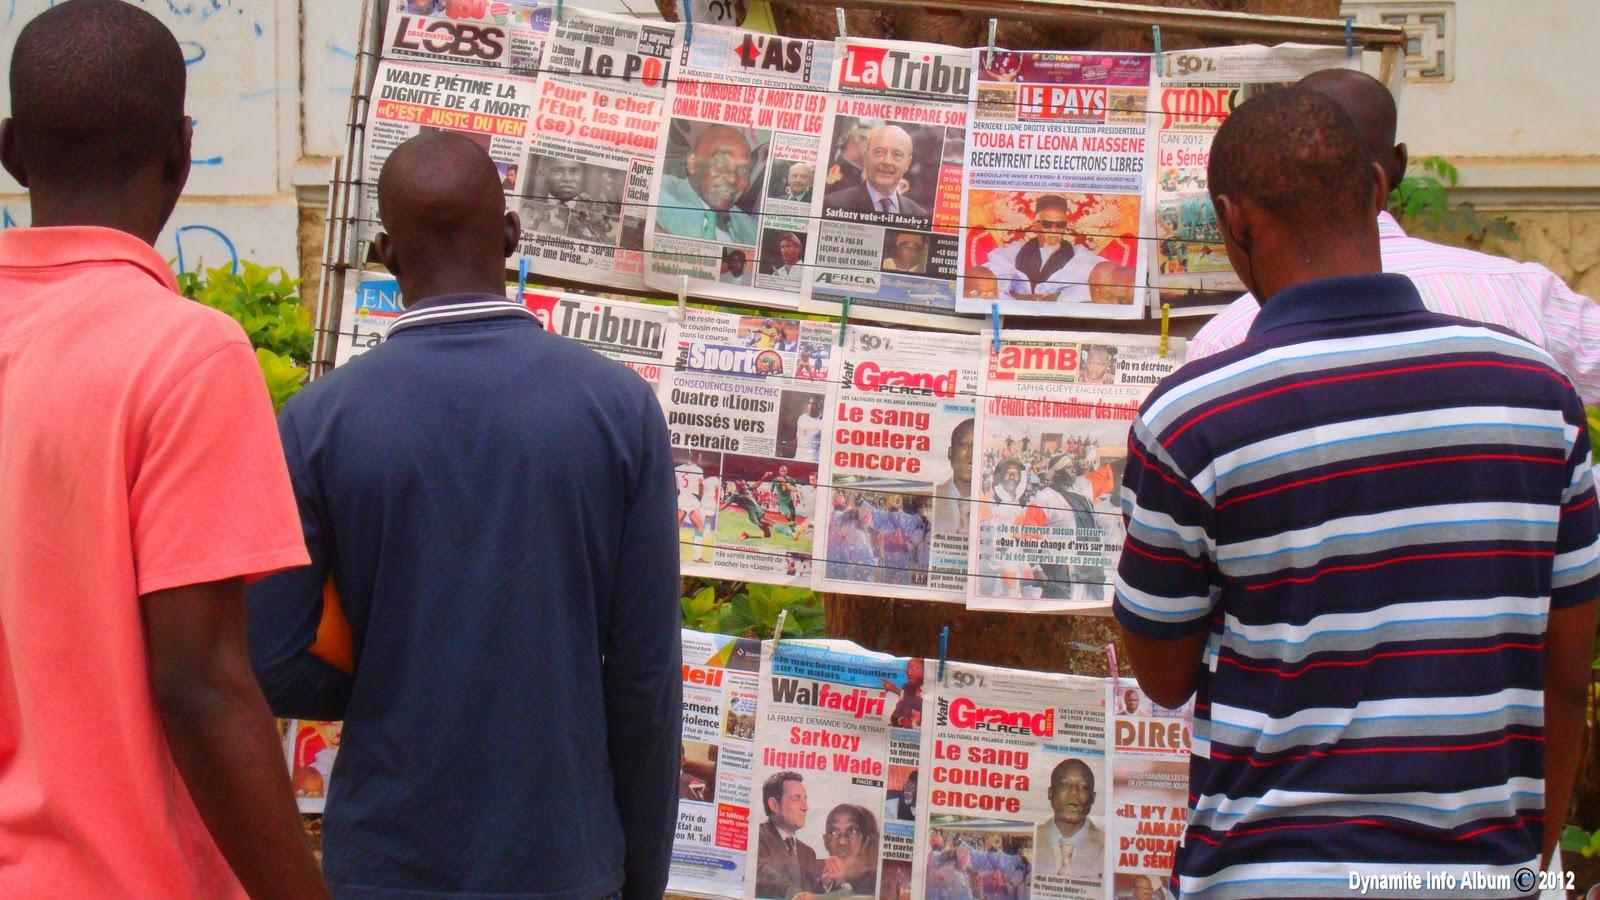 Liberté de la presse : certains sujets restent tabous au Sénégal, (classement RSF)